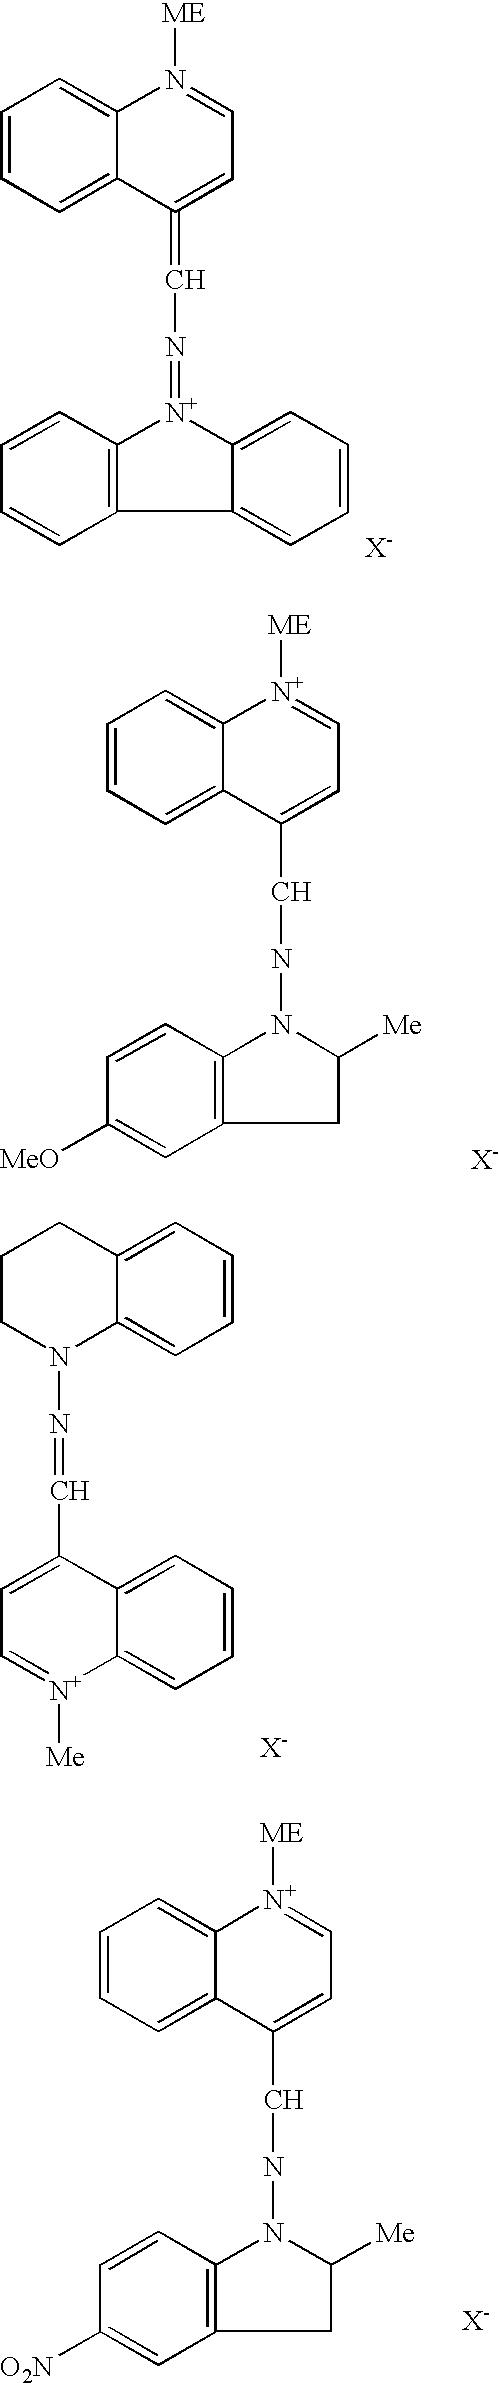 Figure US07374581-20080520-C00052